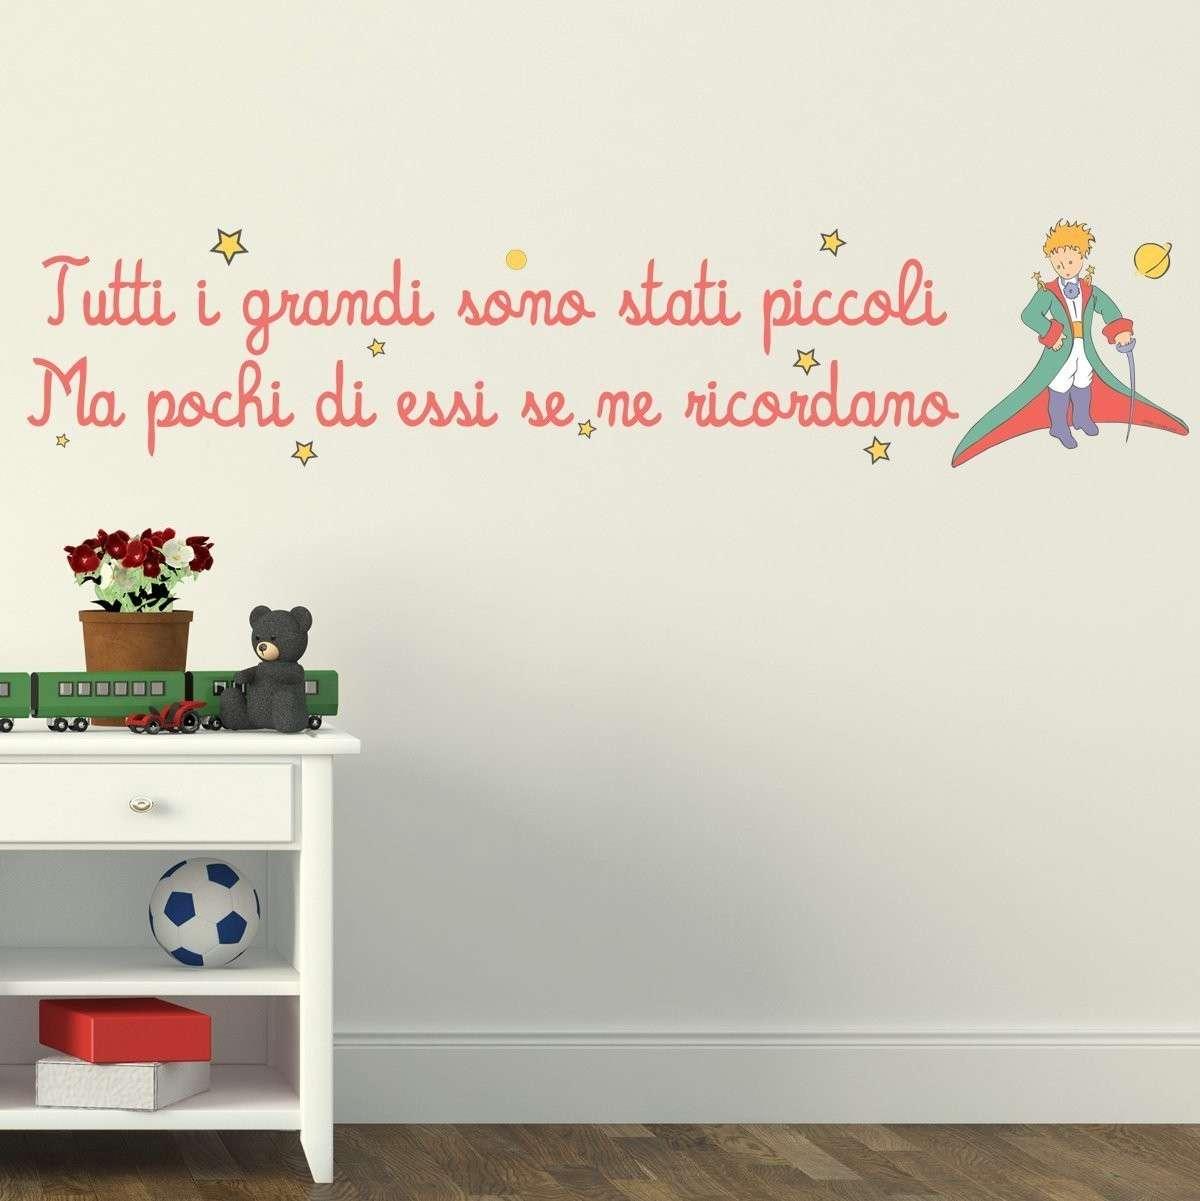 Frasi adesive per pareti: le più belle [FOTO]